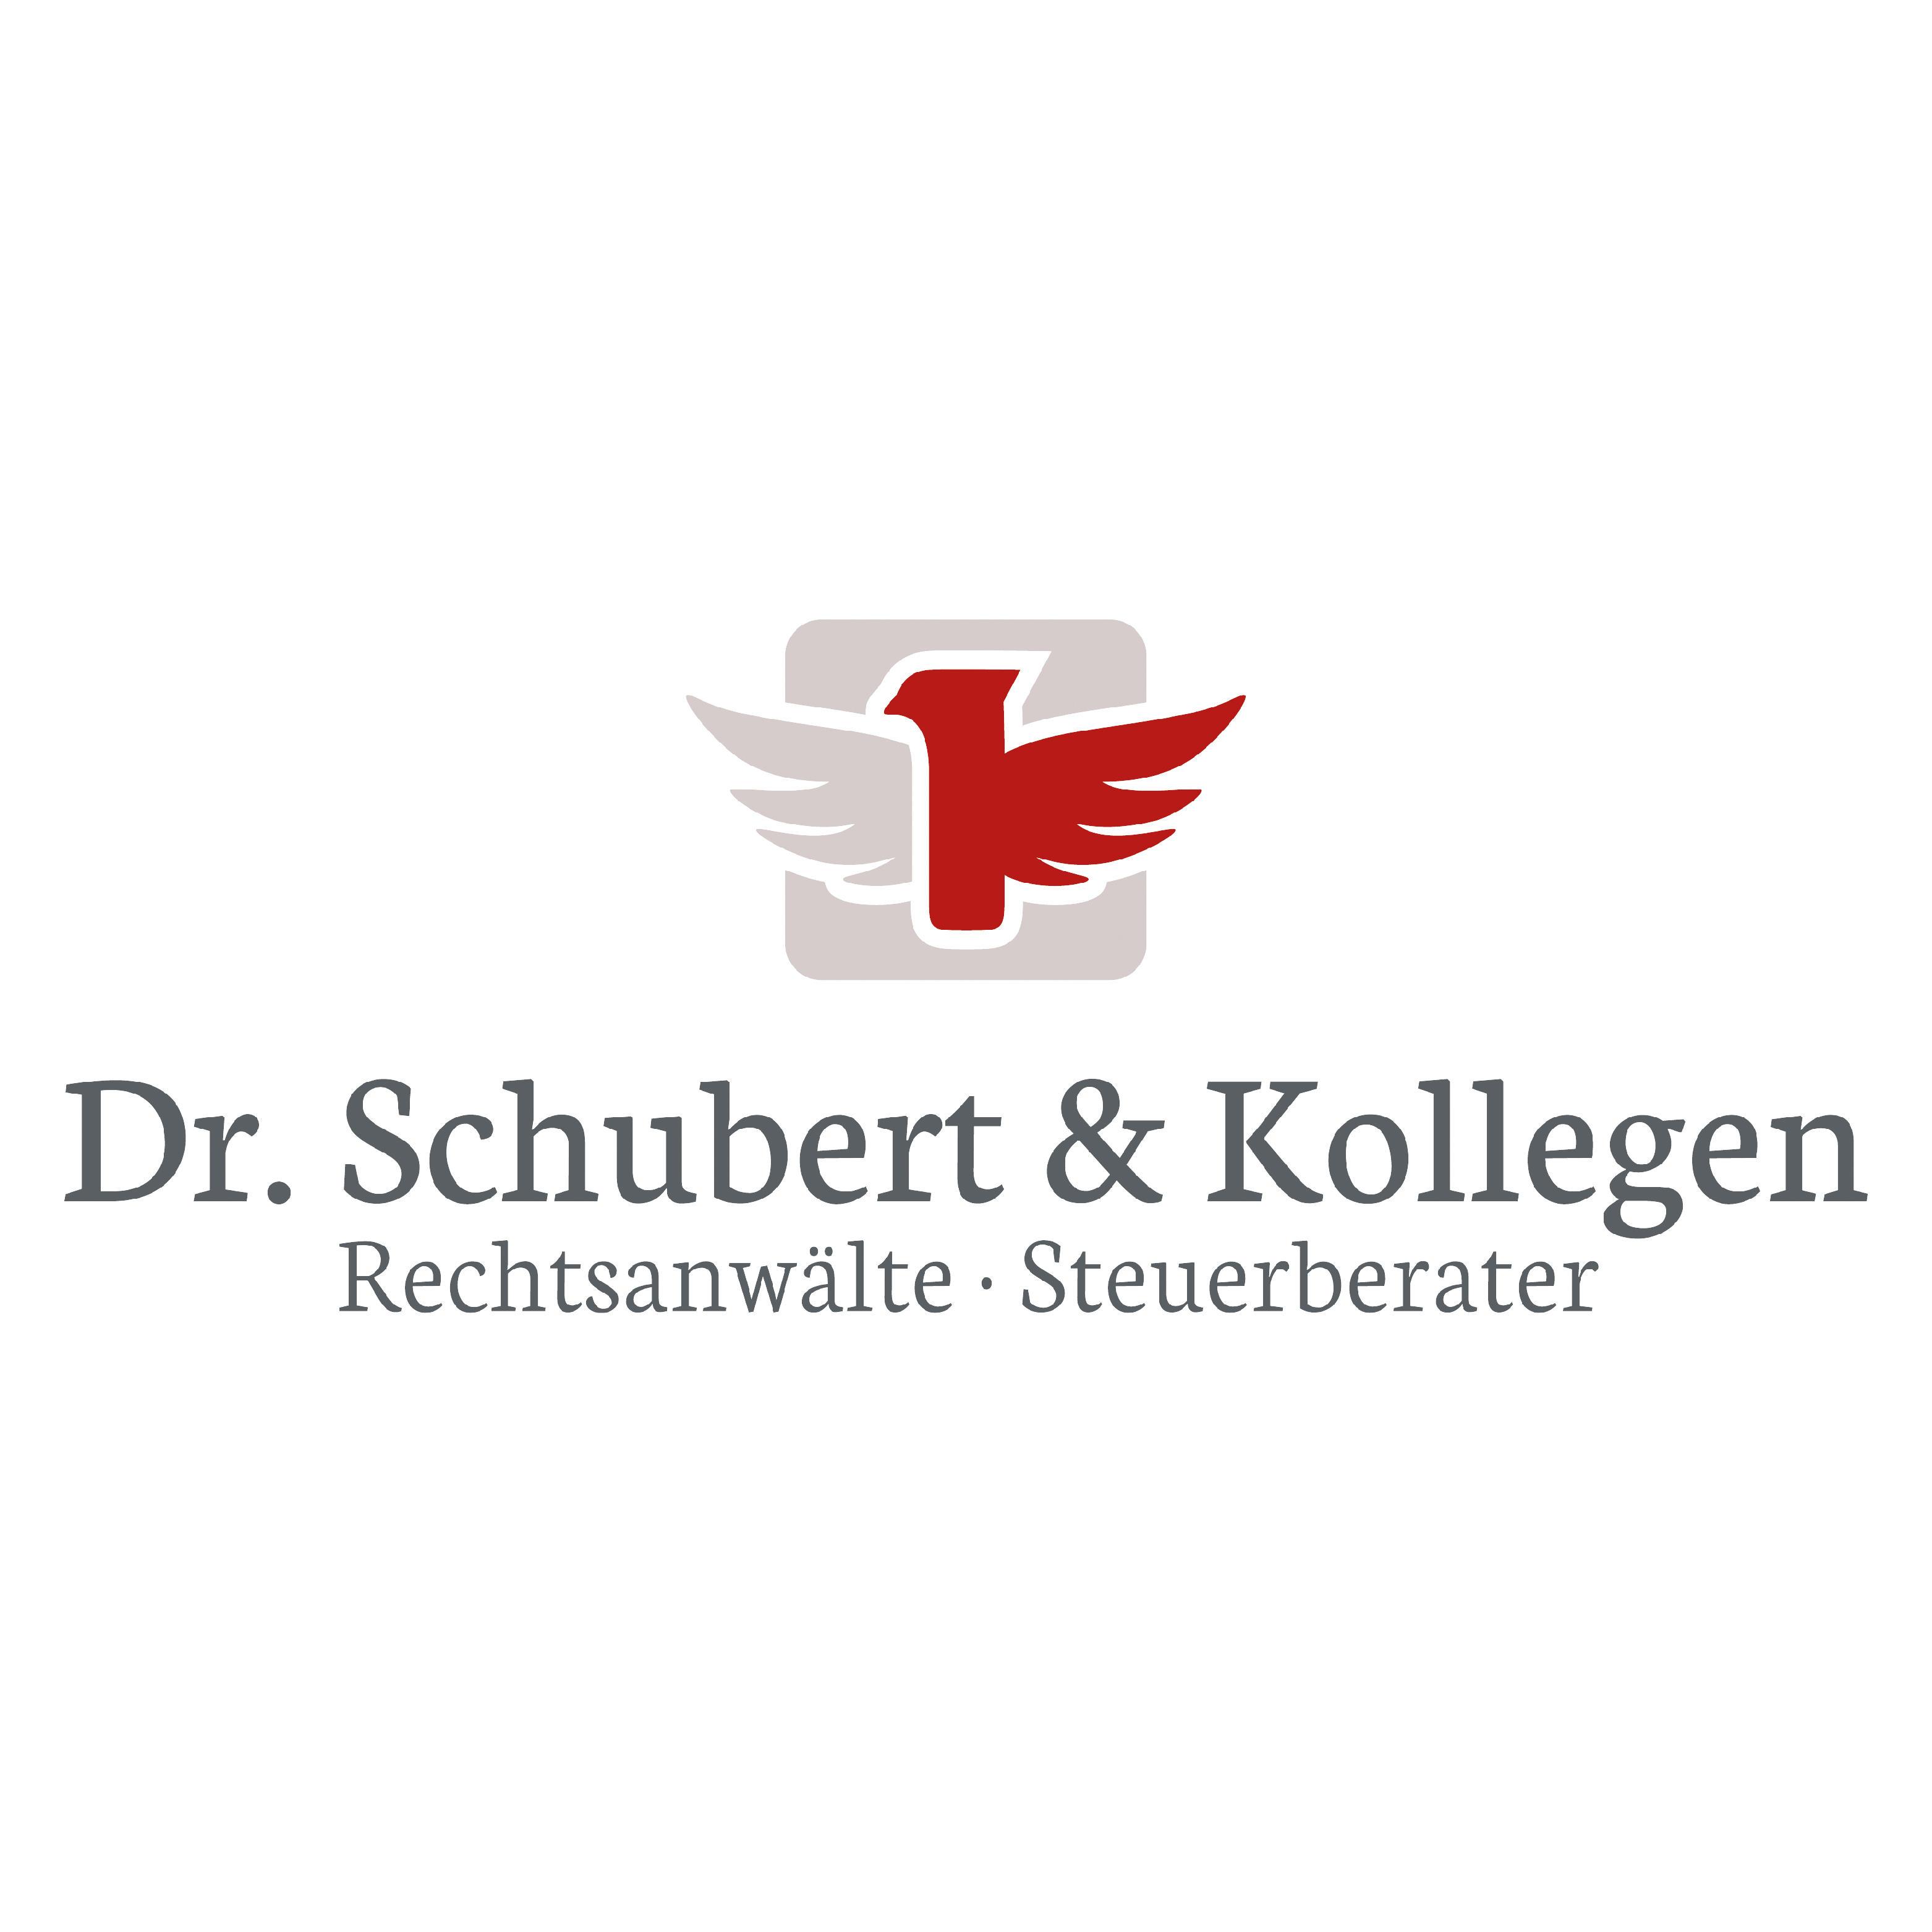 Dr. Schubert & Kollegen